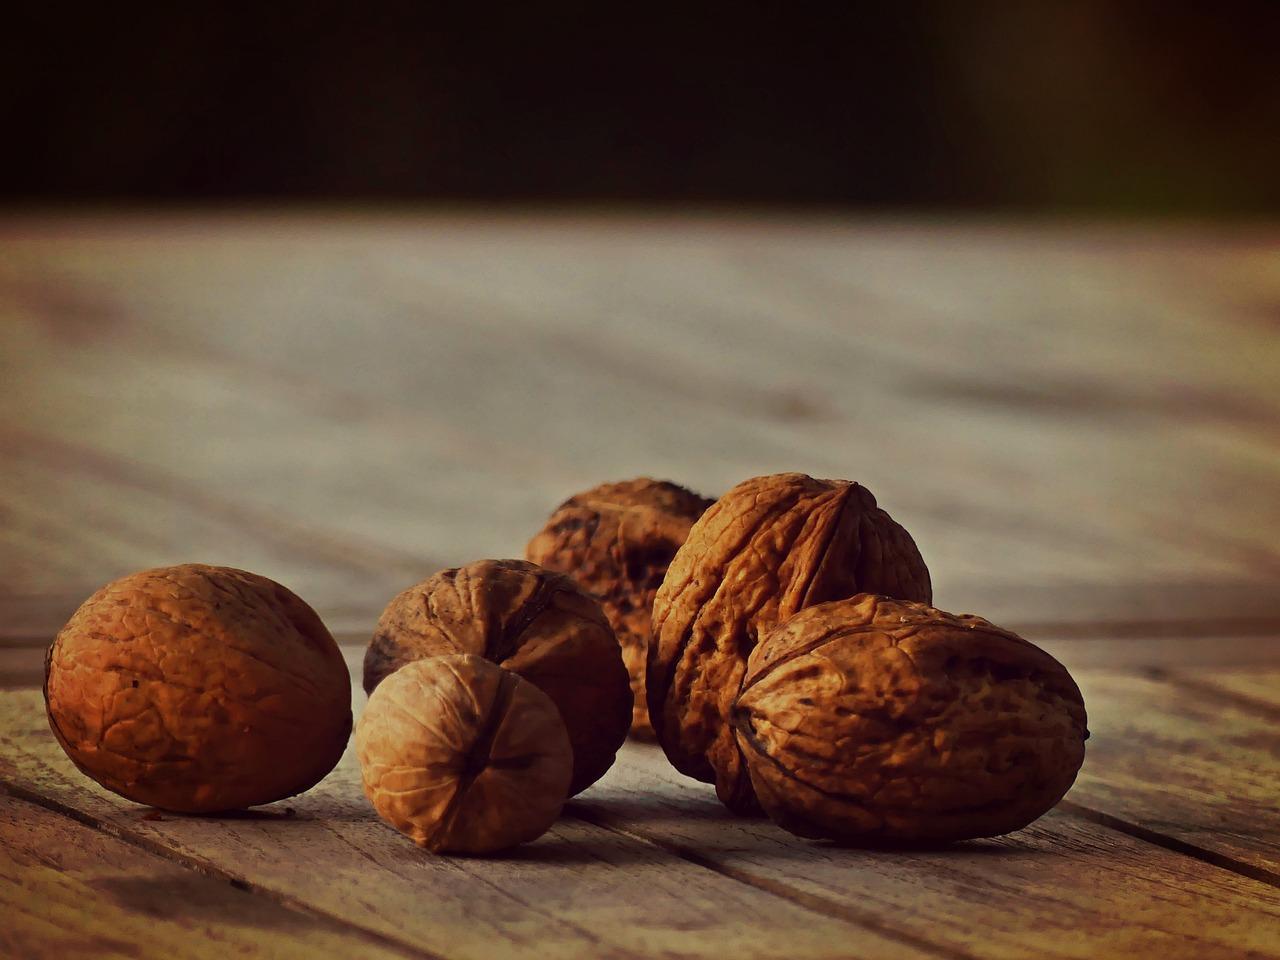 Грецкие орехи красивые картинки